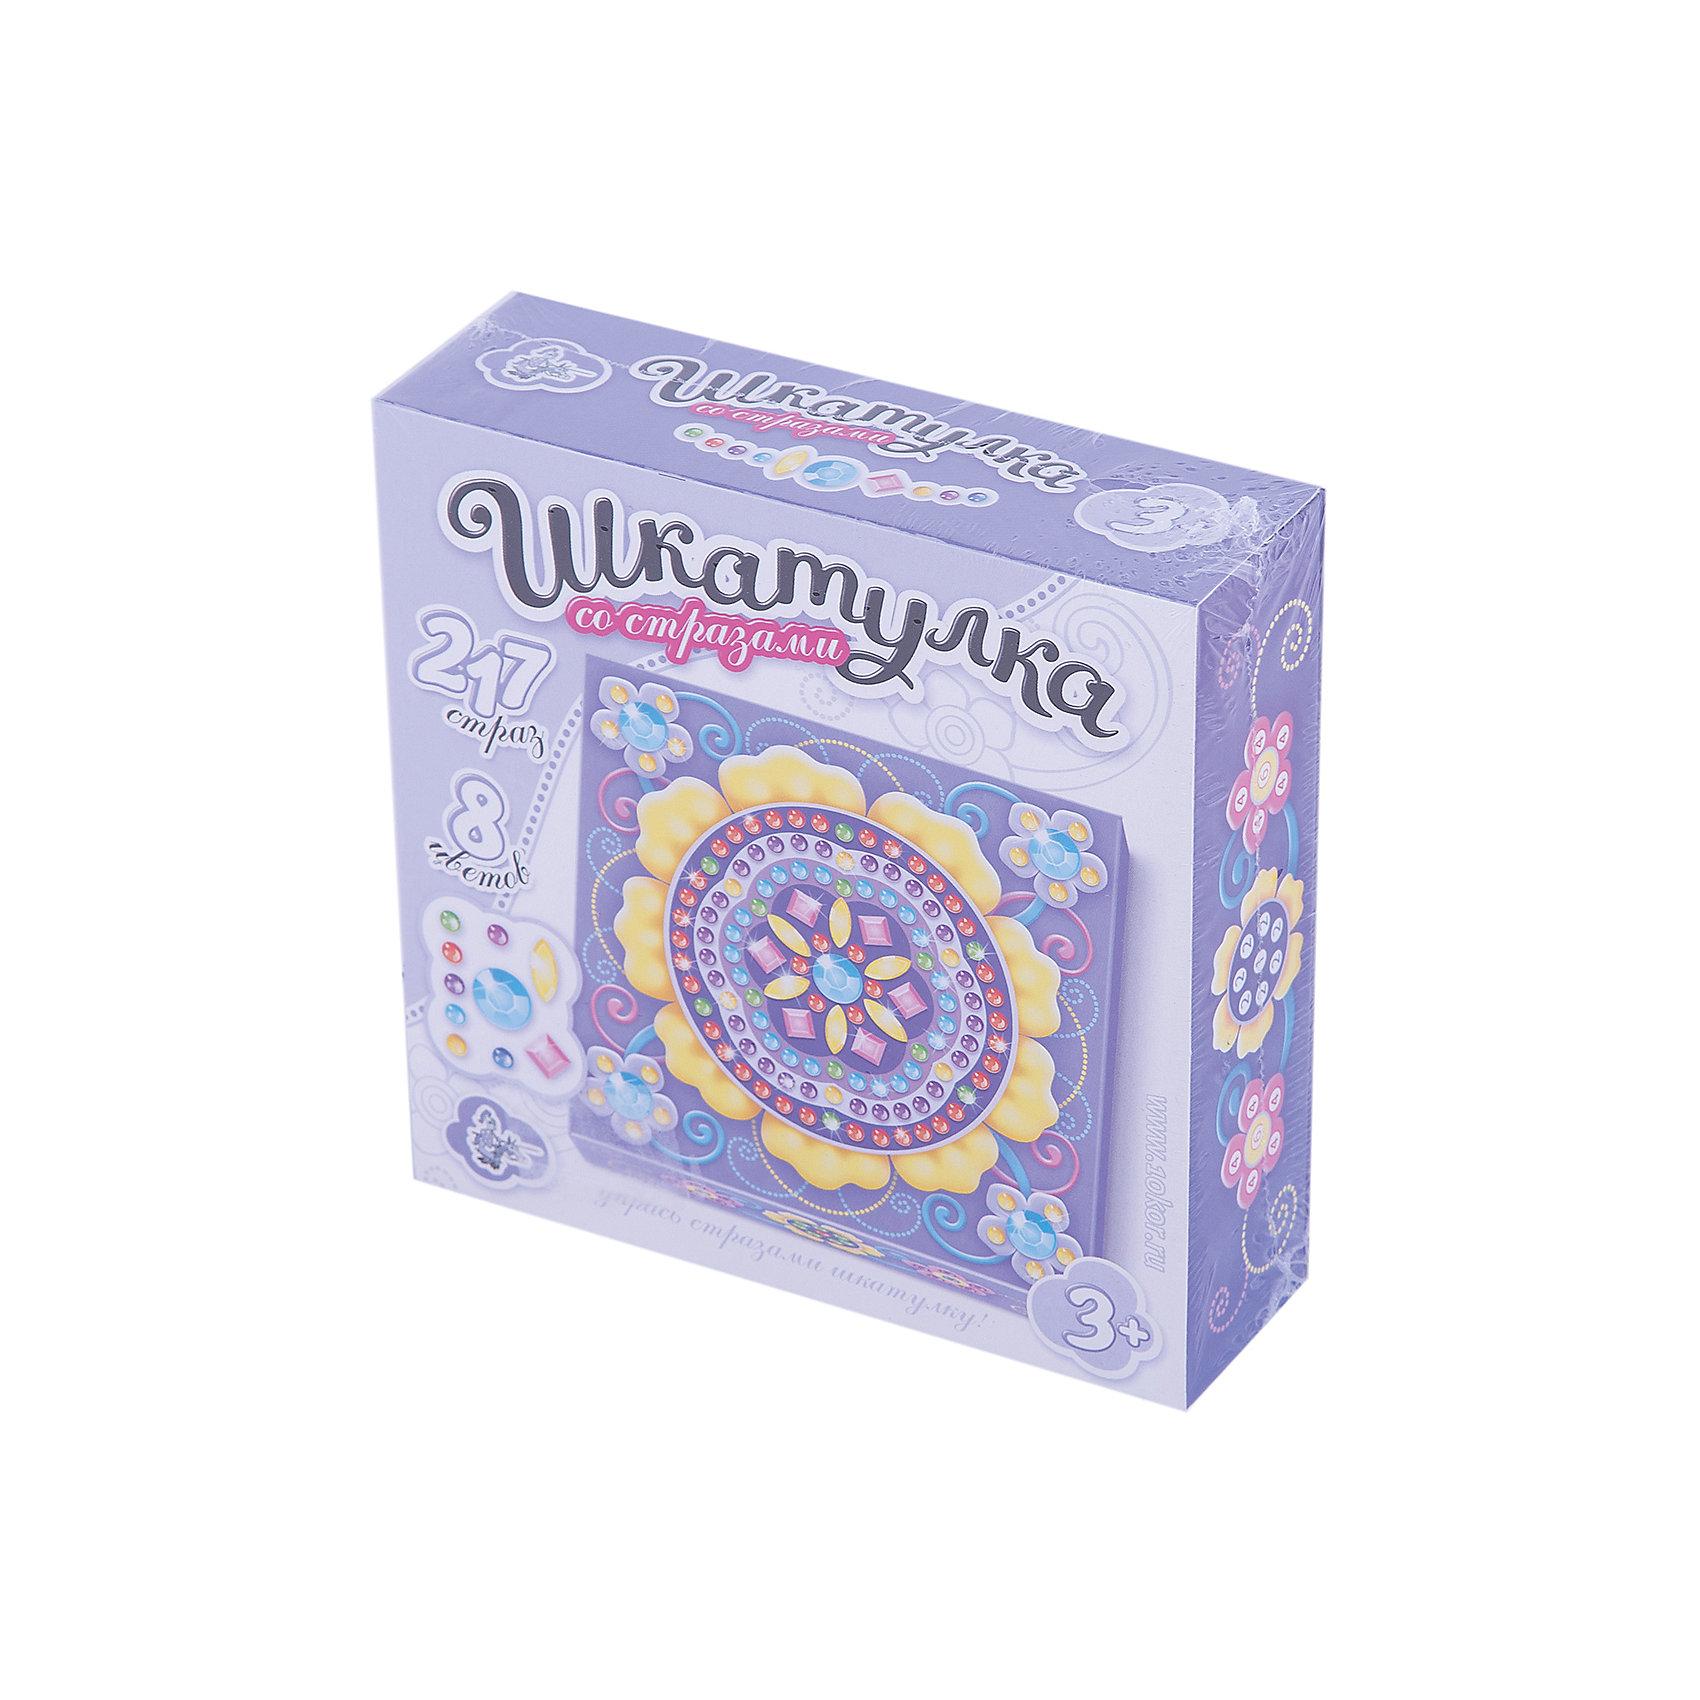 Шкатулка Цветок, Десятое королевствоШкатулка Цветок, Десятое королевство<br><br>Характеристики:<br><br>• Возраст: от 5 лет<br>• Размер готовой игрушки: 15х15см<br>• Материал: картон, акрил, метал<br>• В комплекте: заготовка шкатулки, 217 страз 8 цветов<br><br>Этот замечательный набор позволяет ребенку самостоятельно собрать для себя яркую и красивую шкатулку с очаровательным рисунком. Благодаря устройству набора, форму для шкатулку довольно просто сложить, а для украшения удобно использовать идущие в наборе стразы, которые можно приклеивать прямо по номерам. Итоговый размер шкатулки - 10,5 х 10,5 х 4,5 см. Работа с набором развивает усидчивость и мелкую моторику.<br><br>Шкатулка Цветок, Десятое королевство можно купить в нашем интернет-магазине.<br><br>Ширина мм: 153<br>Глубина мм: 153<br>Высота мм: 47<br>Вес г: 140<br>Возраст от месяцев: 60<br>Возраст до месяцев: 84<br>Пол: Женский<br>Возраст: Детский<br>SKU: 5471656